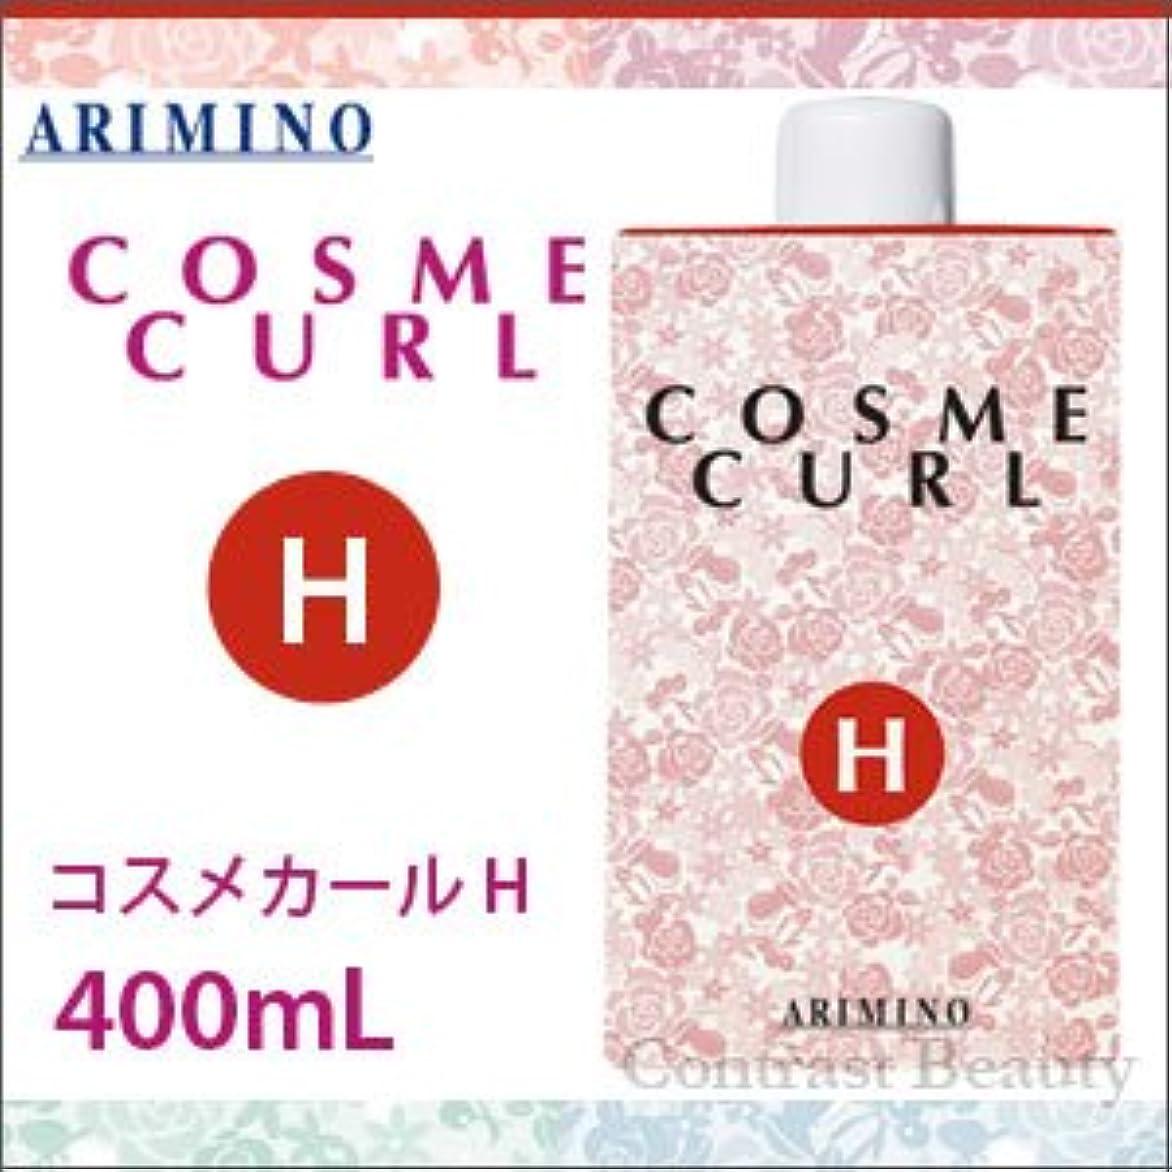 アリミノ コスメカール H 400ml